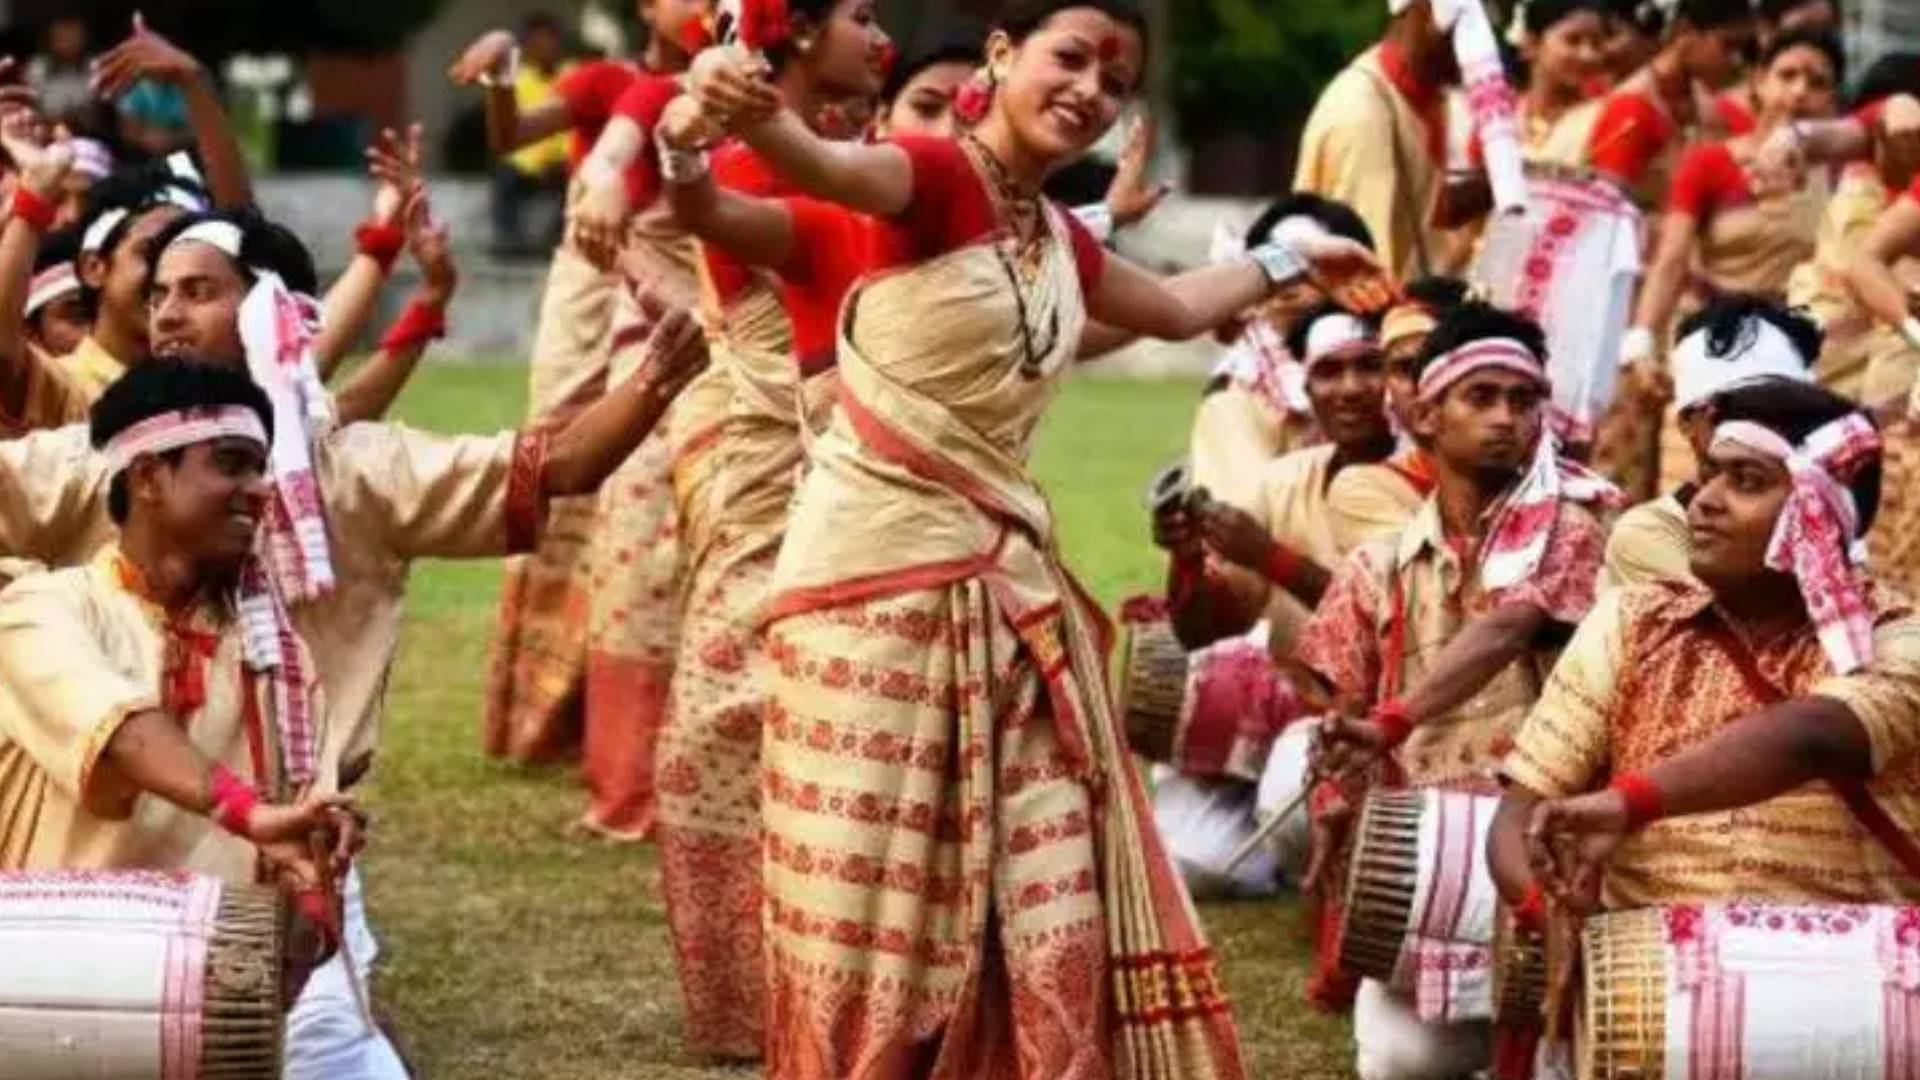 Magh Bihu 2019: असम में बड़े धूमधाम से मनाया जाता है 'बिहू', जानिए क्यों और कैसे मनाते हैं यह त्यौहार